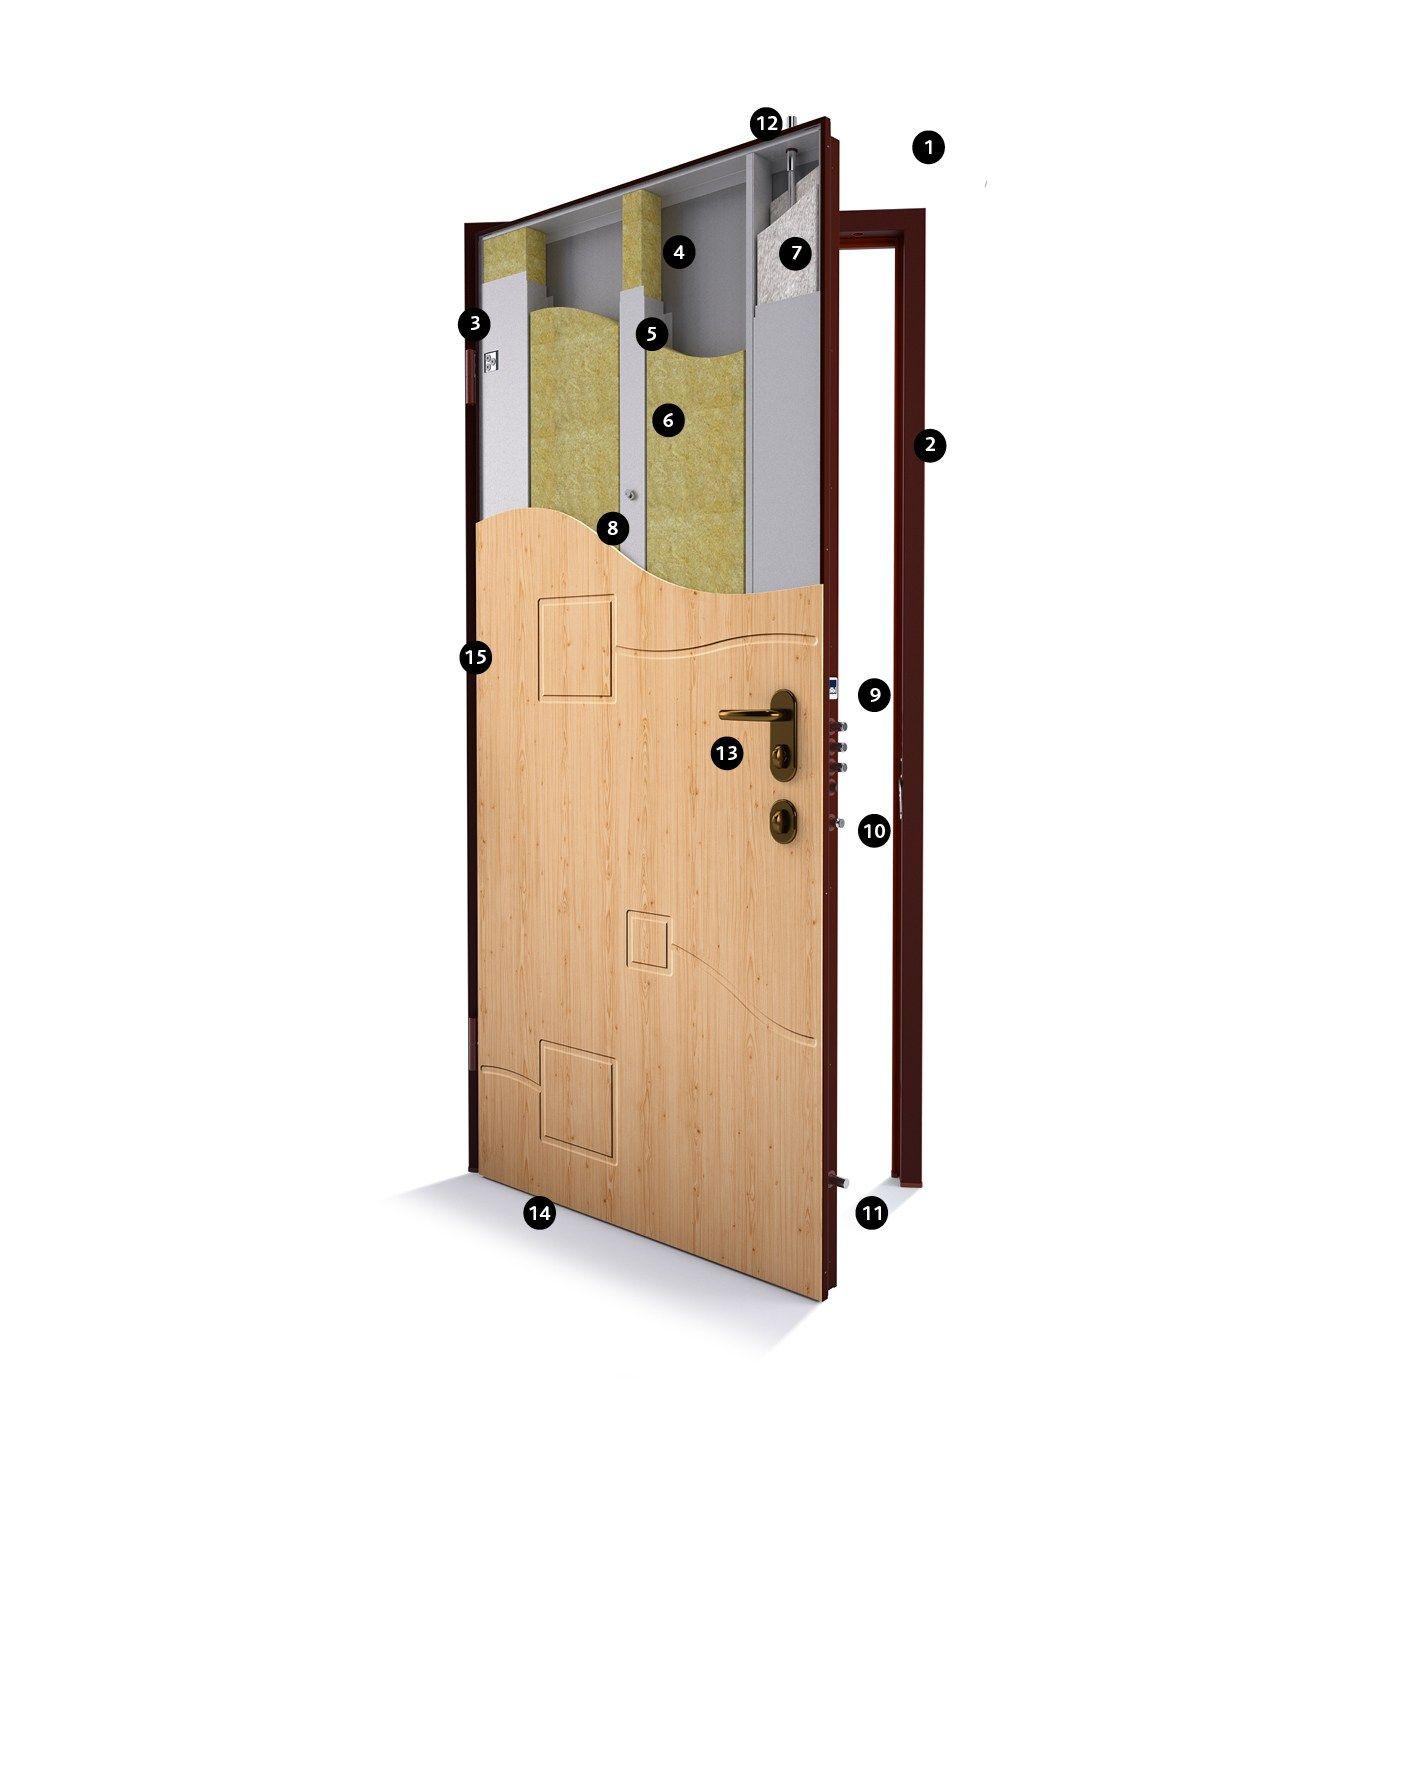 Porte d entr e acoustique blind e linea sound by di bi for Epaisseur porte d entree